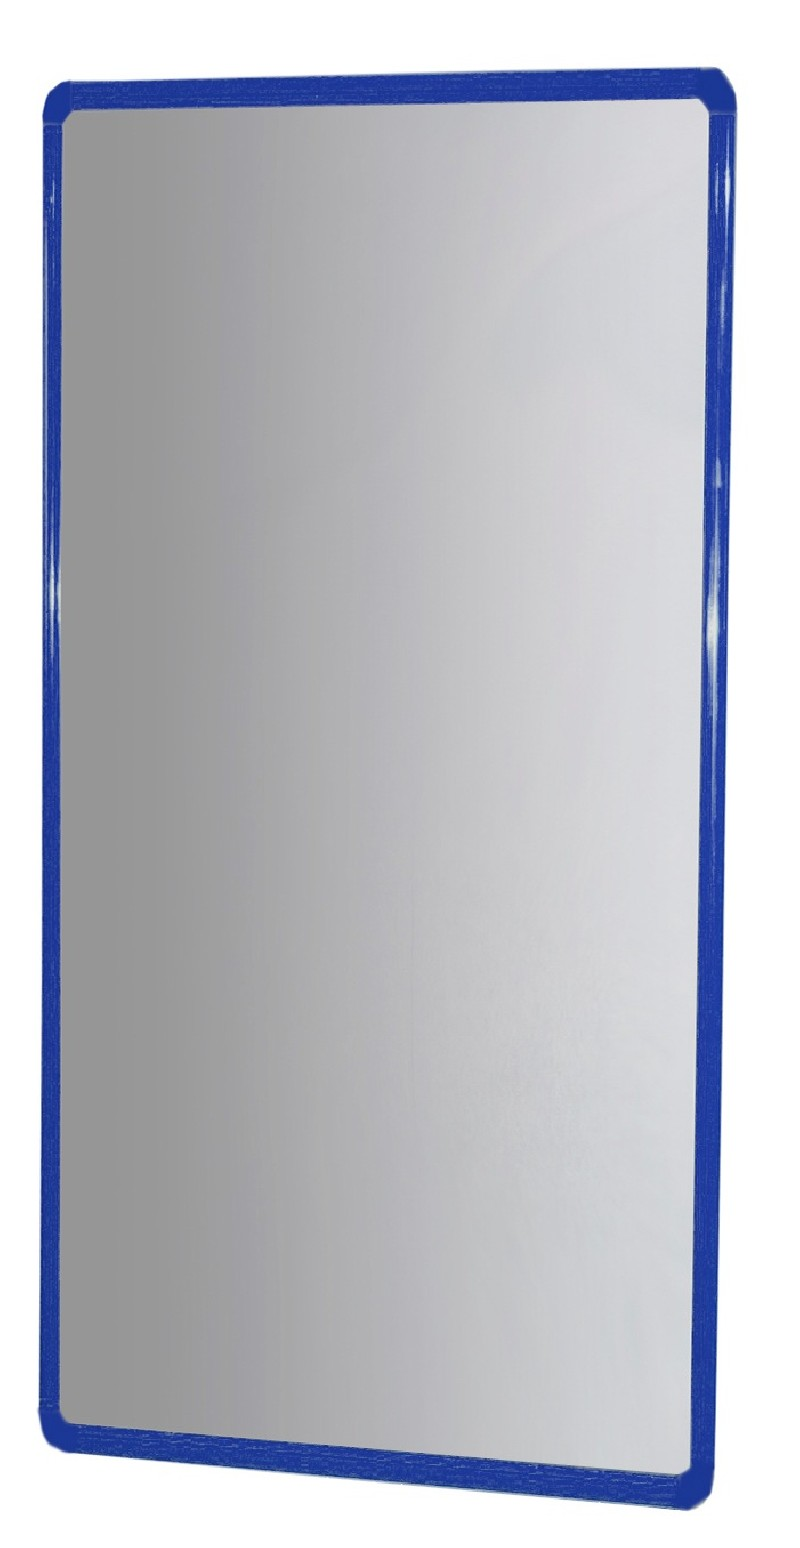 Espejo con marco de aluminio 120x50cm snap edulink s l for Espejo 120 x 50